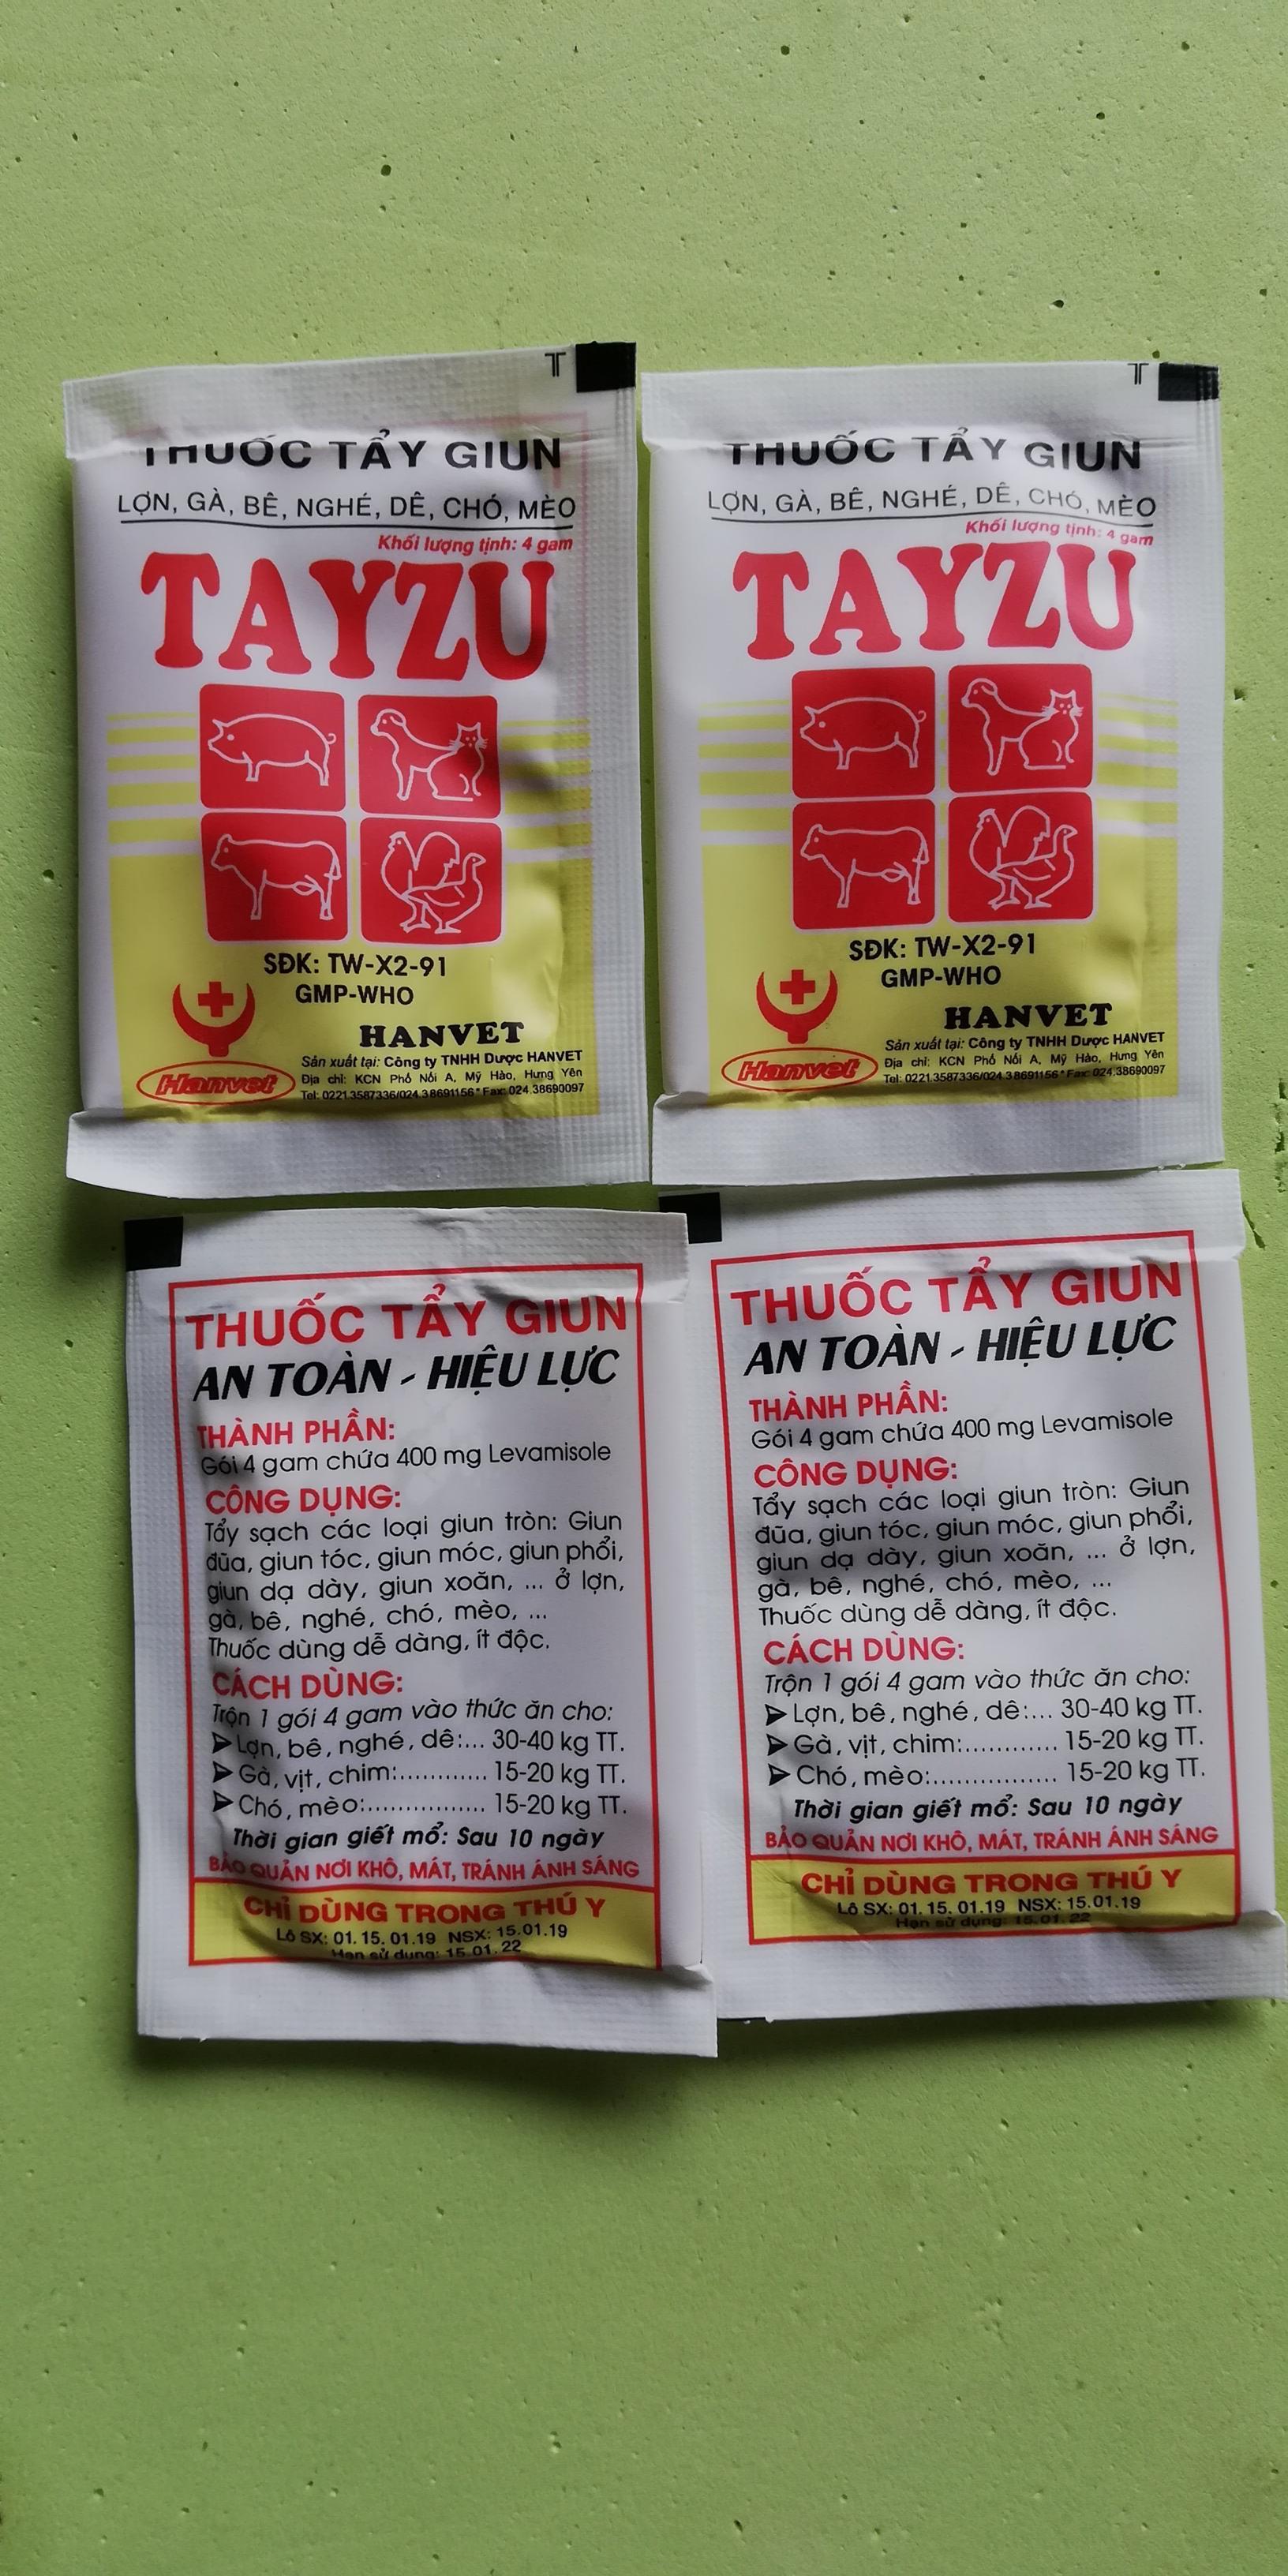 Đặc trị  giun, sán cho chó mèo dạng bột 5 gói Hanvet Tayzu 4g Nhật Bản